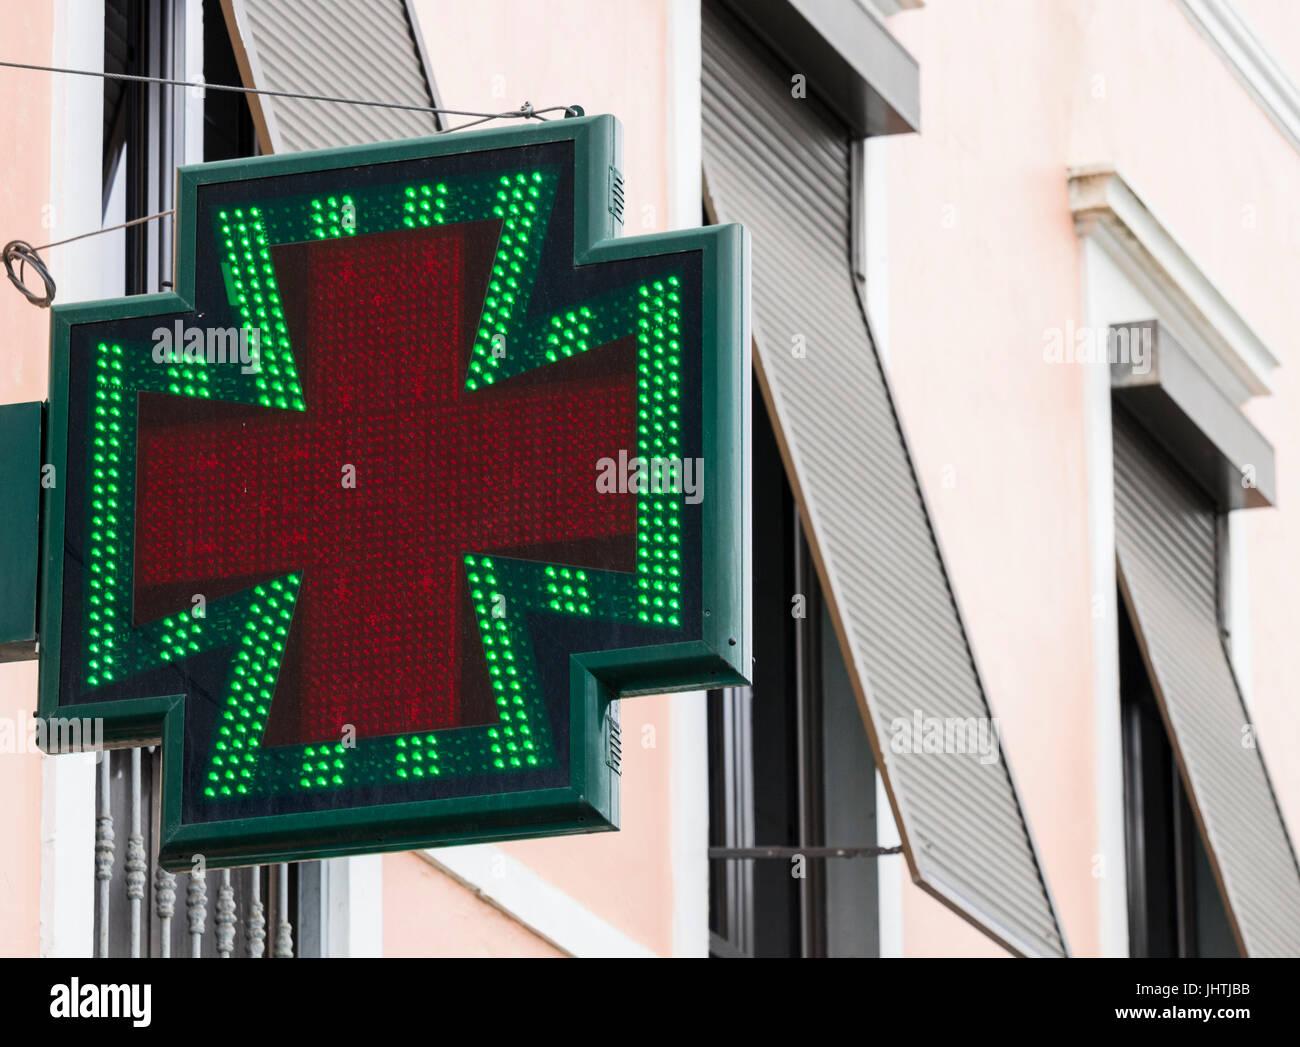 Sign outside chemist (farmacia) in resort in Spain - Stock Image